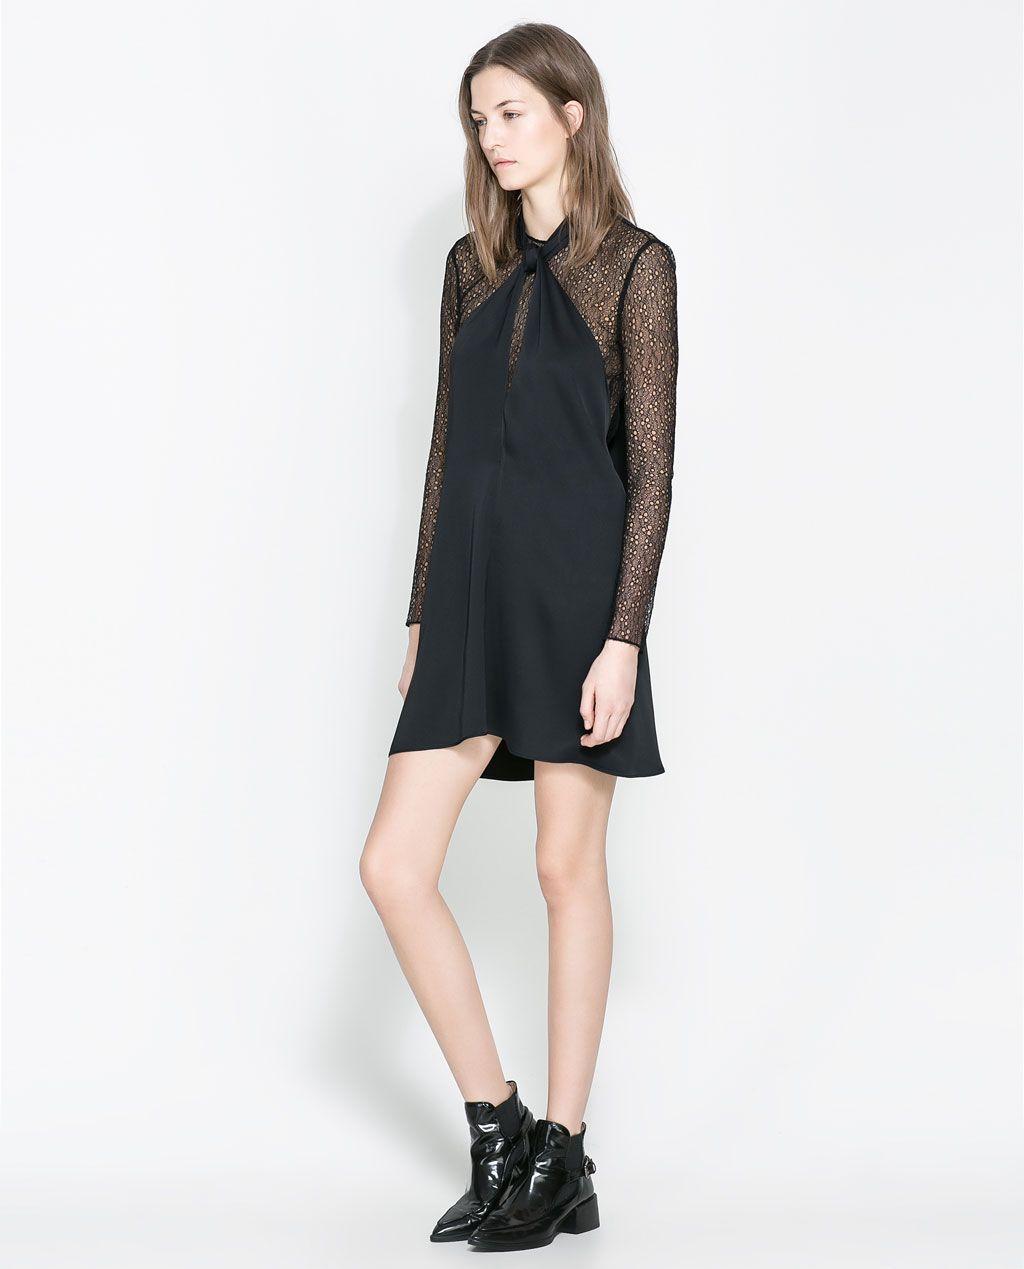 ZARA - WOMAN - STUDIO BOW NECK DRESS